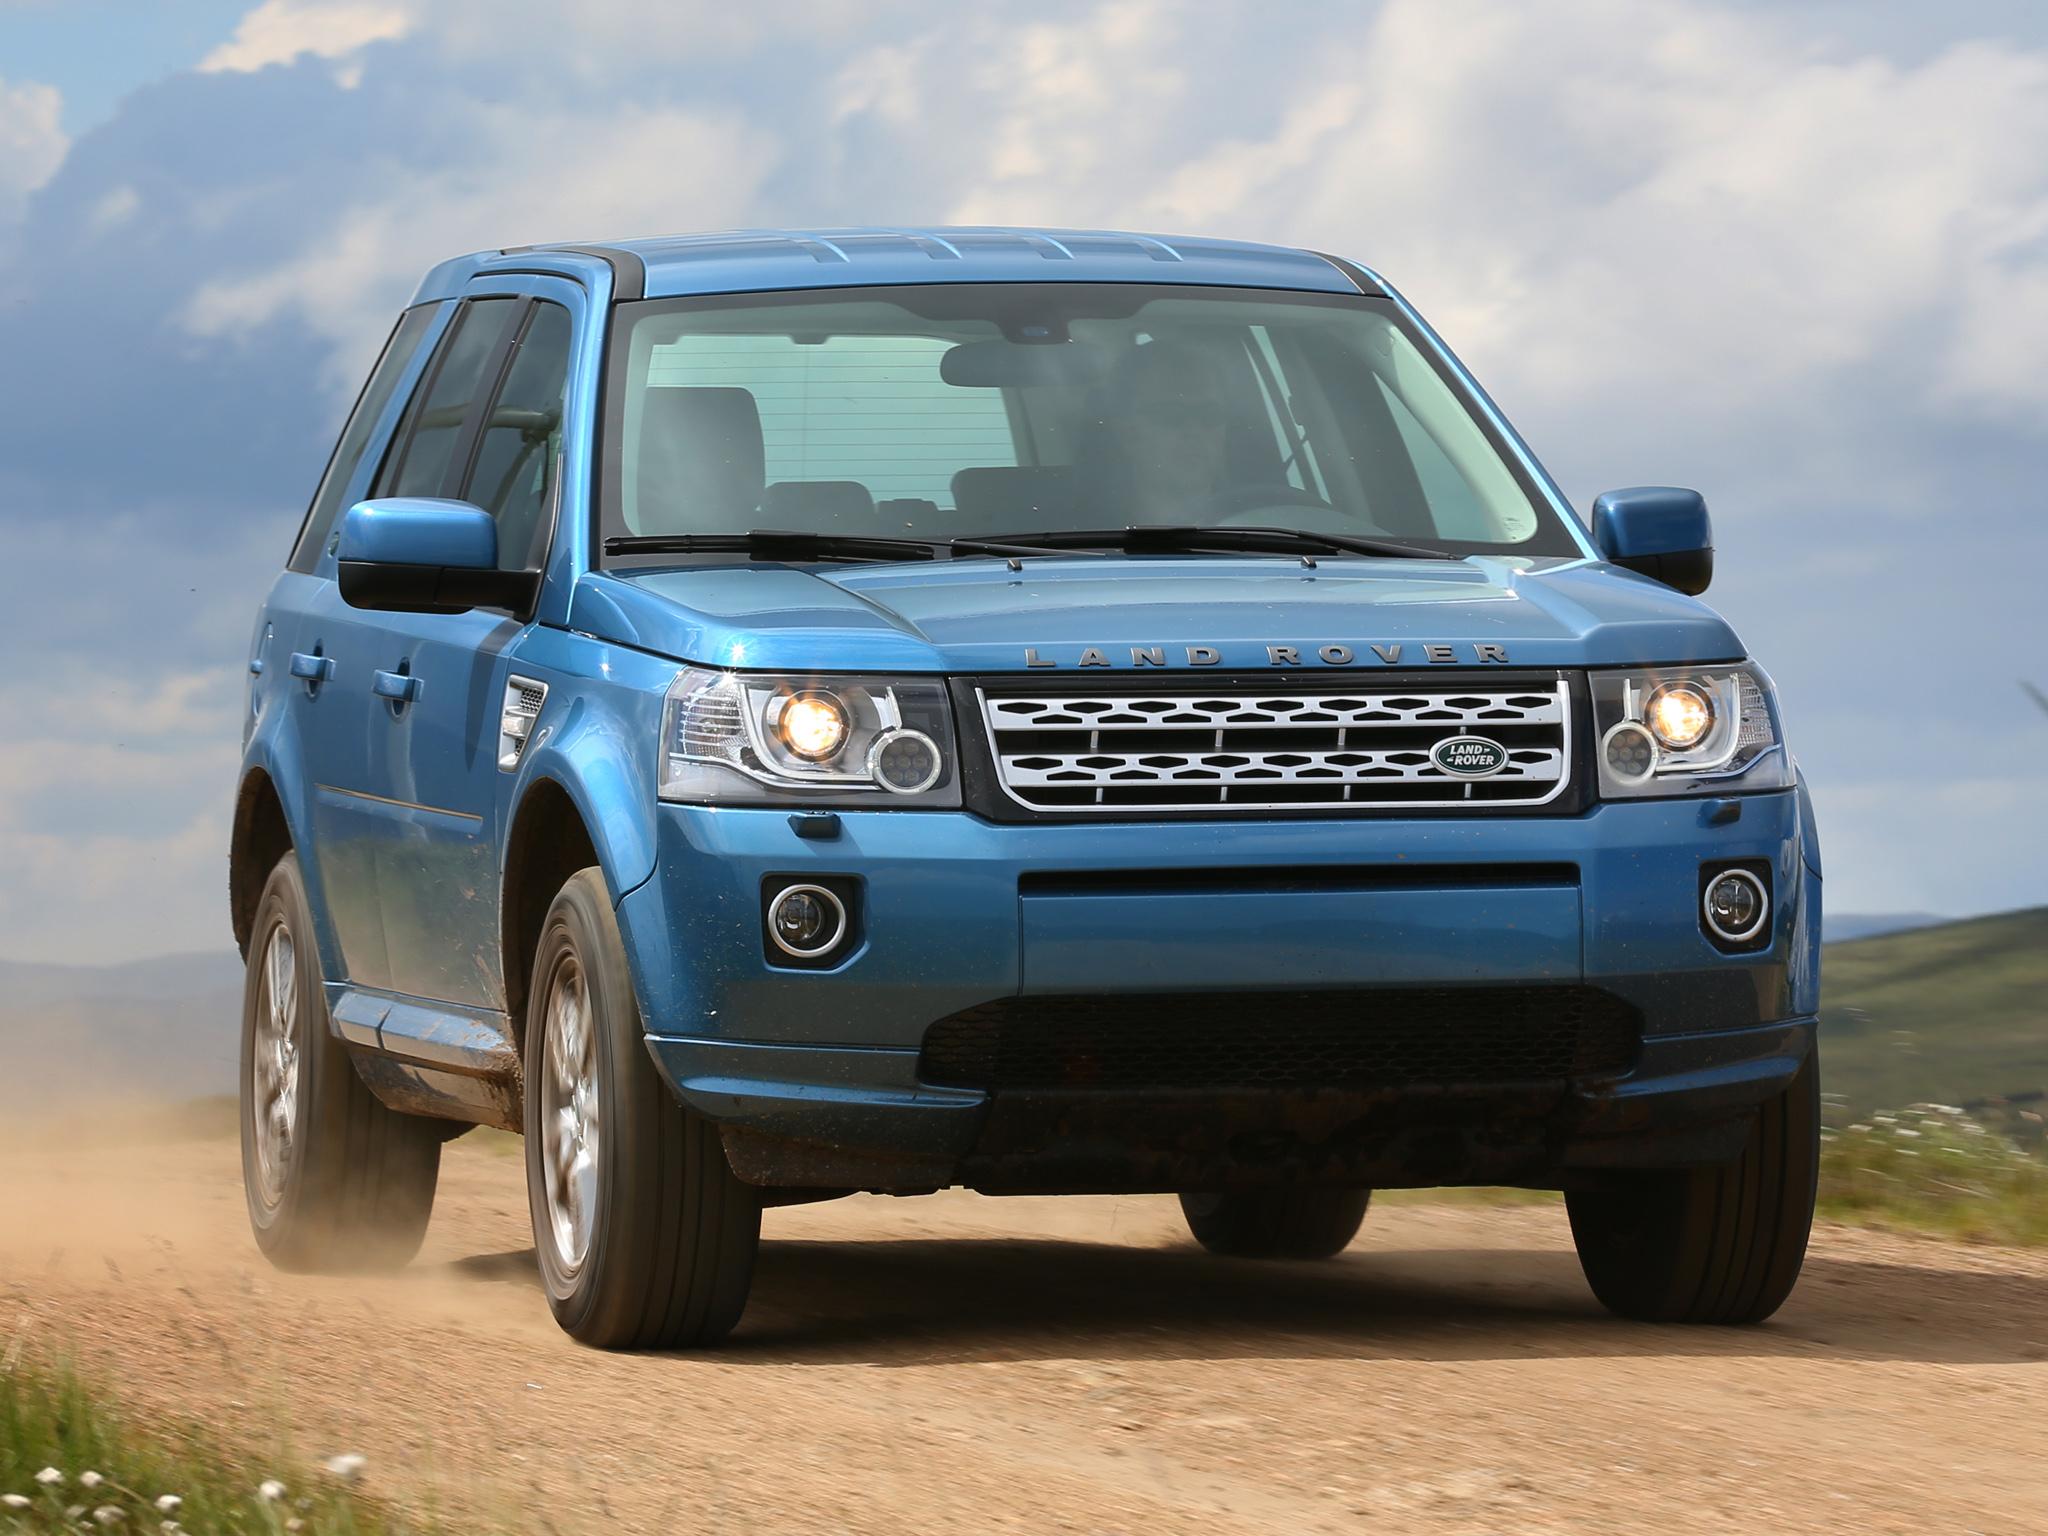 Land Rover Freelander Suspension Adaptation Control